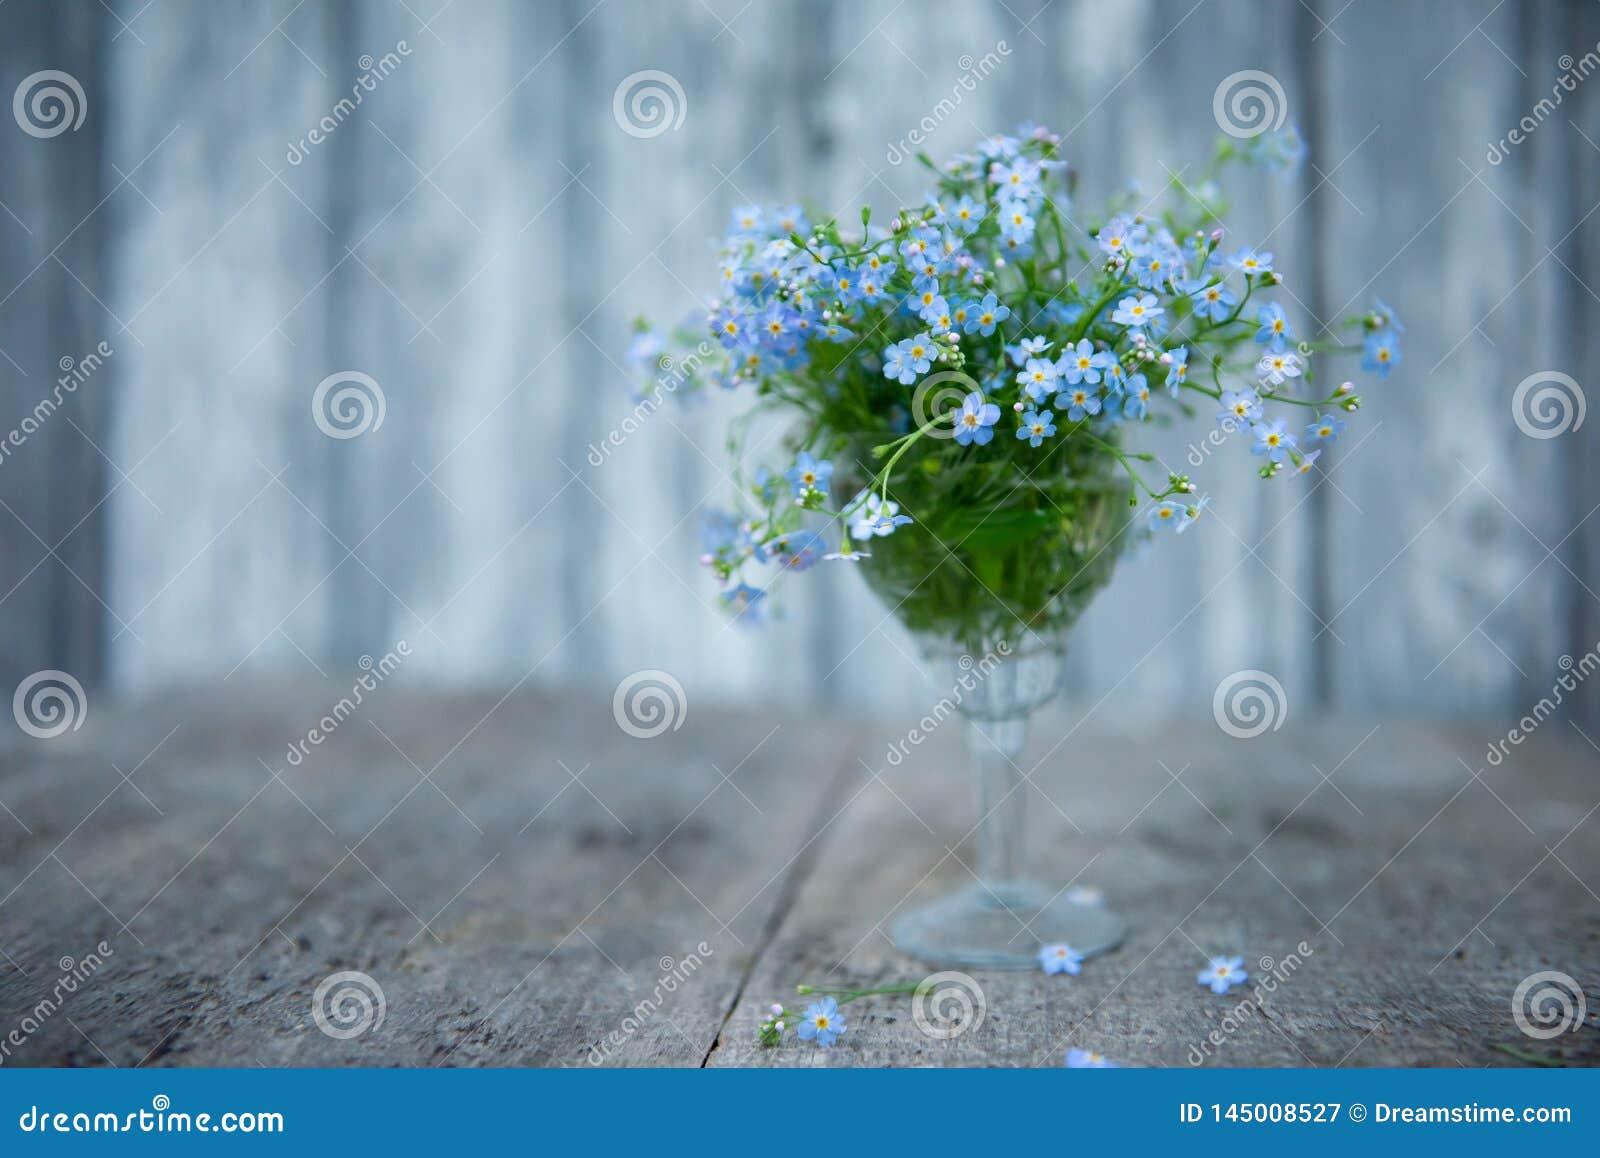 Een klein boeket van vergeet-mij-nietjes in een kristalglas op een vage achtergrond van raad schilderde met blauwe verf en een pa